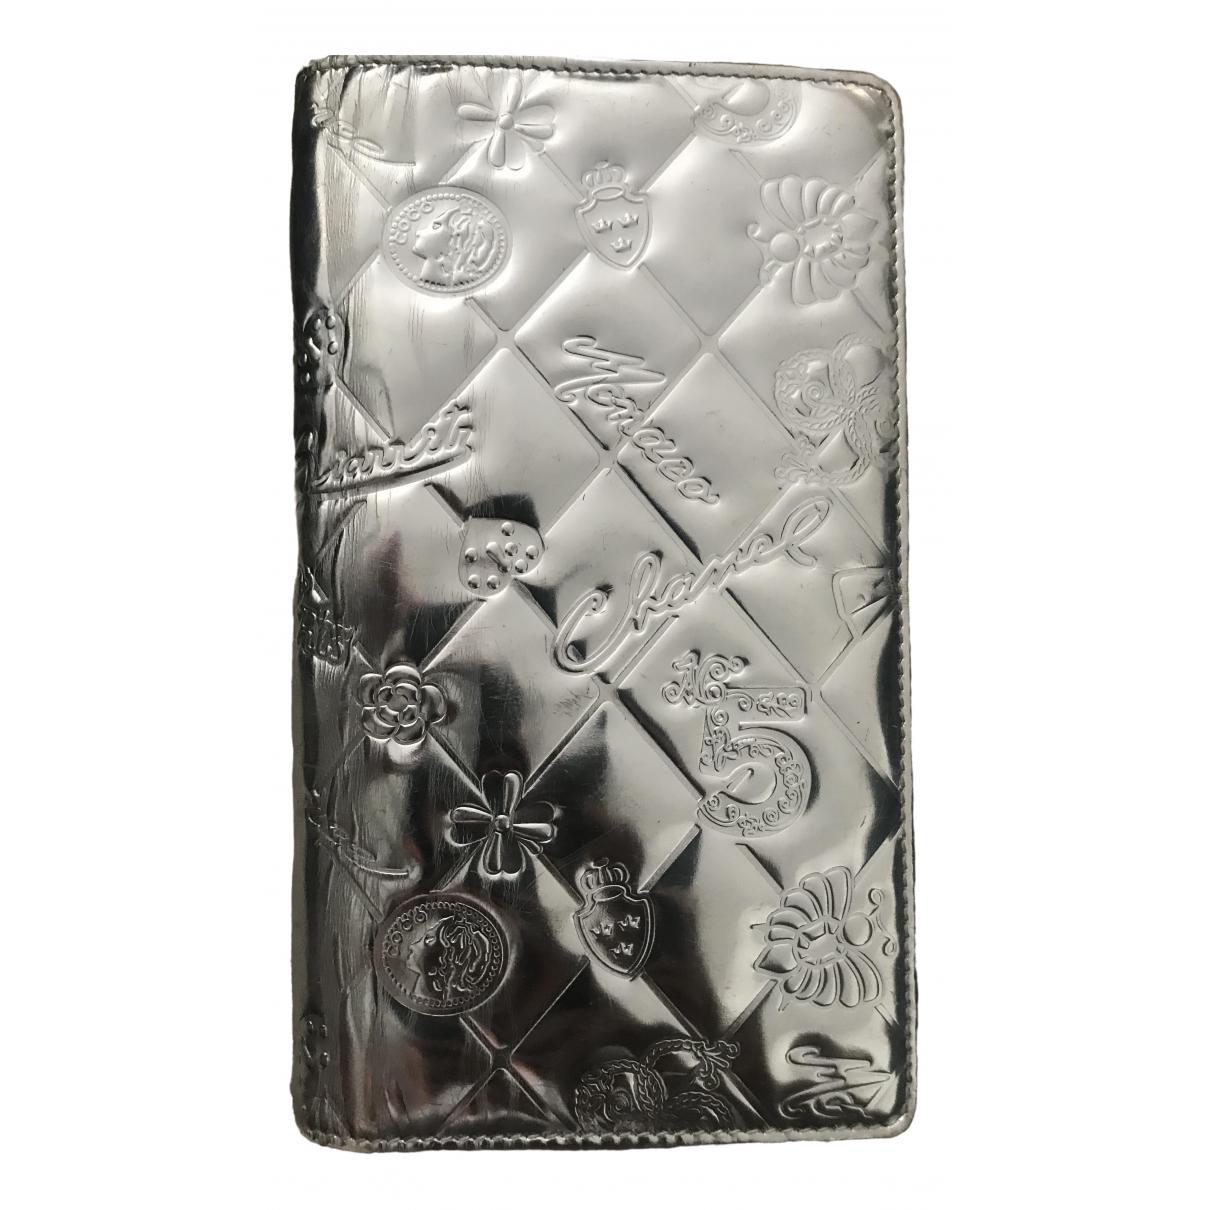 Chanel \N Portemonnaie in  Silber Lackleder